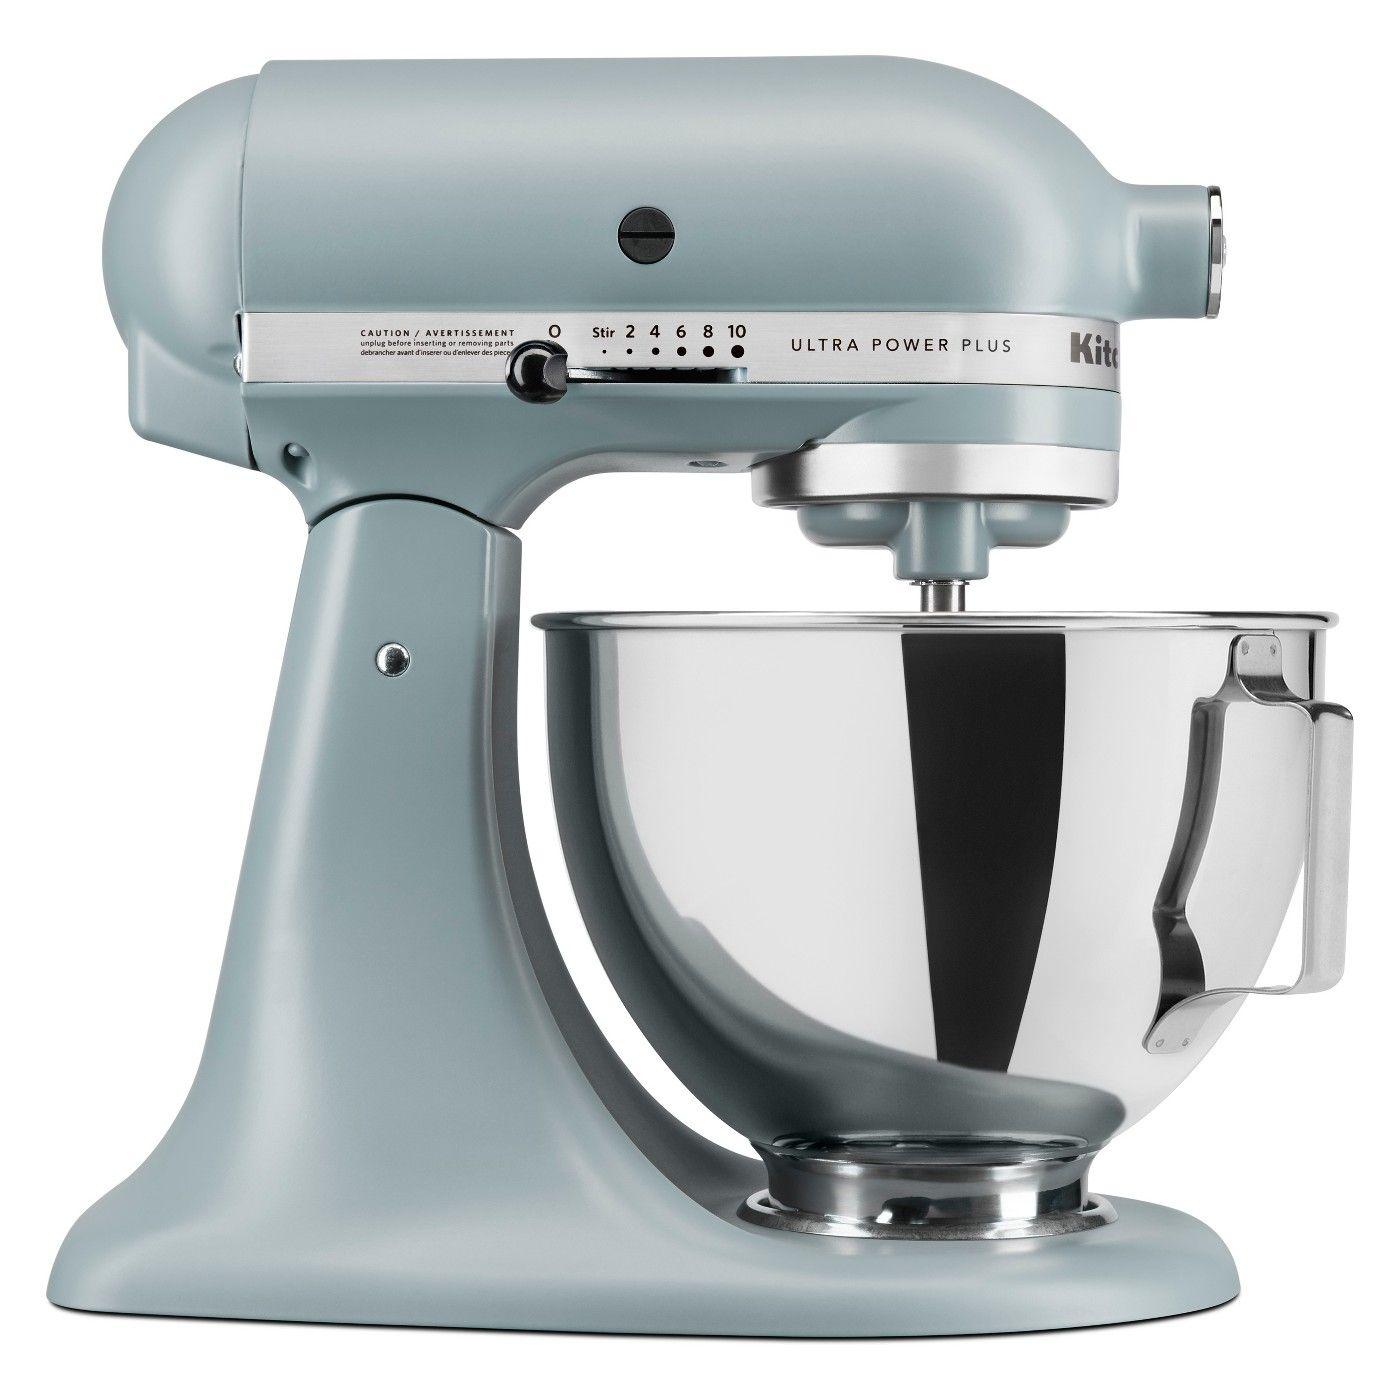 Kitchenaid Ultra Power Plus 4 5qt Tilt Head Stand Mixer Ksm96 Kitchen Aid Kitchen Aid Mixer Stainless Steel Mixing Bowls